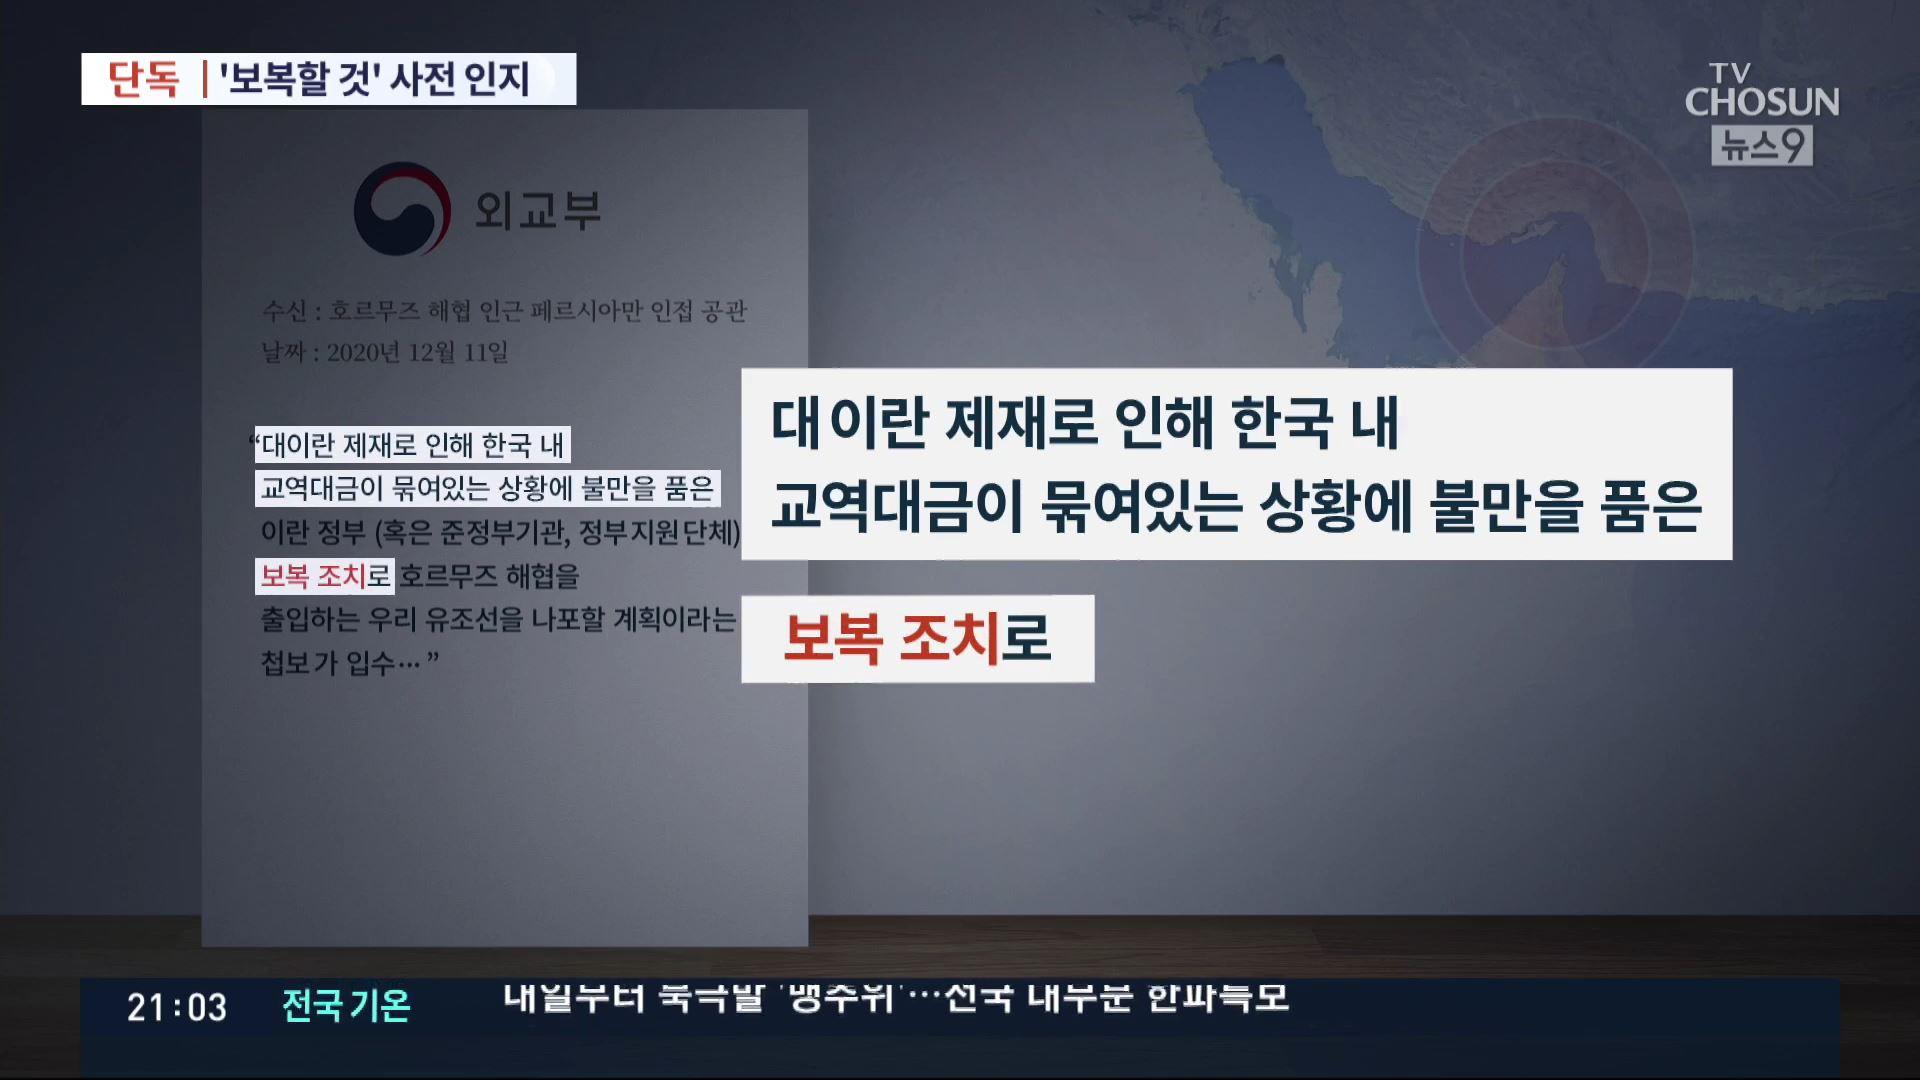 [단독] 외교부, 한달전 '이란 선박 나포 위험' 첩보 전파하고도 당해